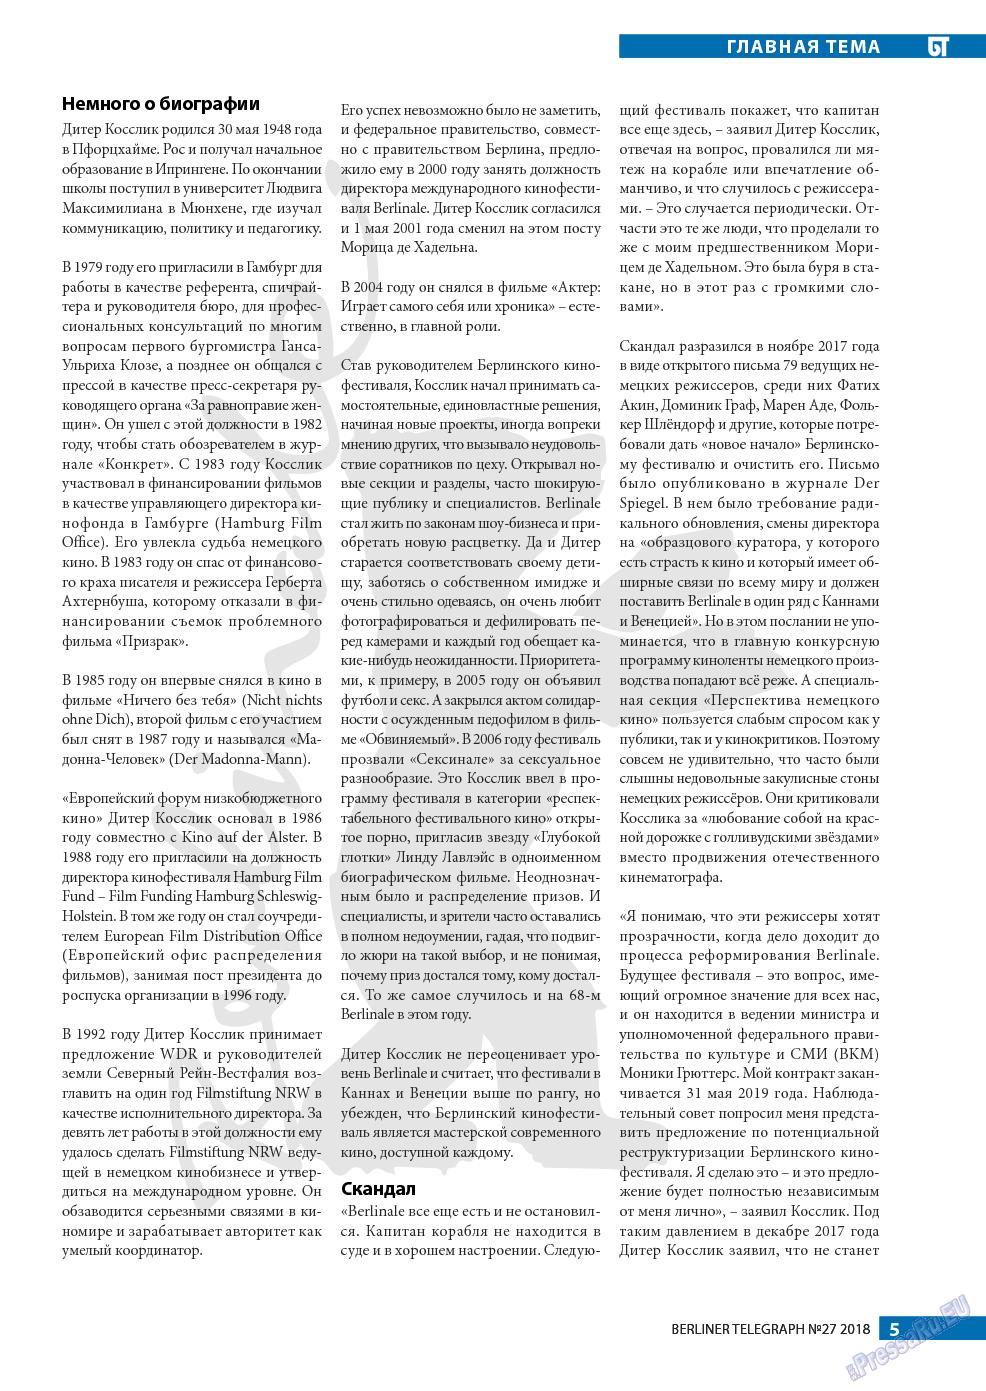 Берлинский телеграф (журнал). 2018 год, номер 27, стр. 5